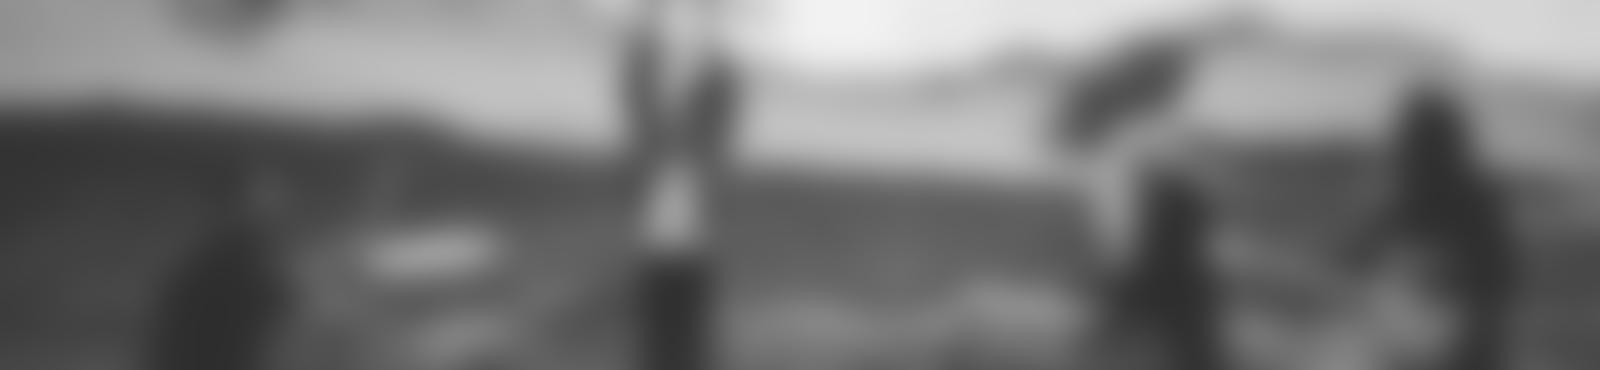 Blurred 7cb0ad92 a04c 498b 83c6 c6e2a7842a91